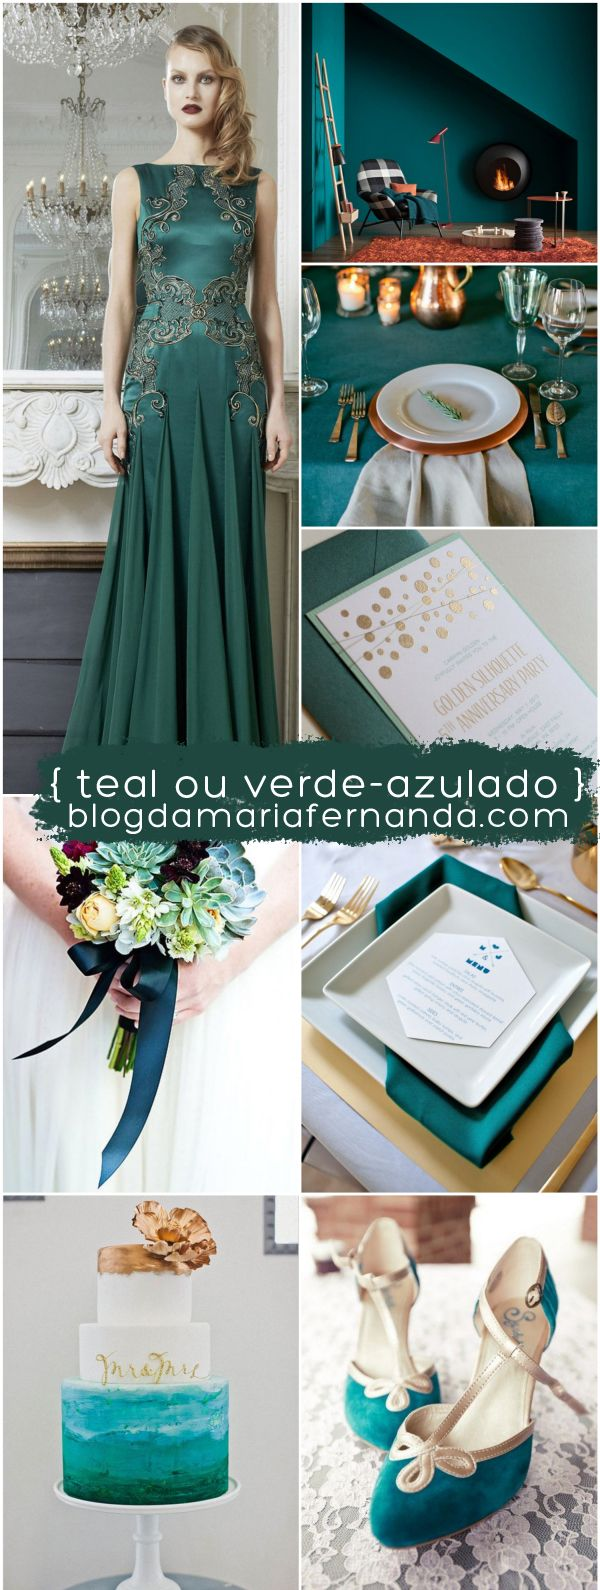 Paleta de Cores Decoração de Casamento Verde Azulado | Inspiration Board Wedding Color Palette Teal